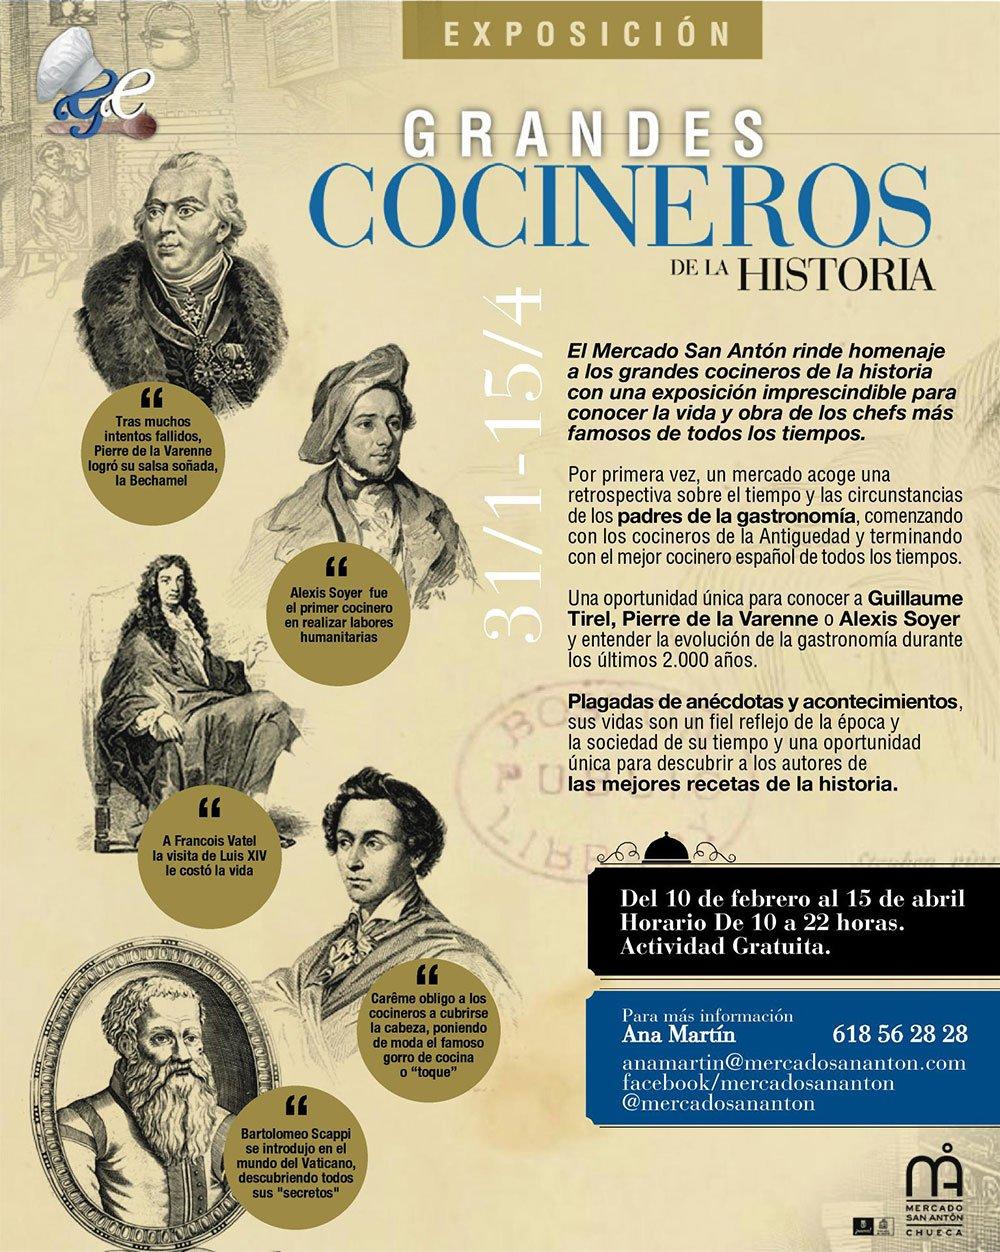 Grandes Cocineros de la Historia